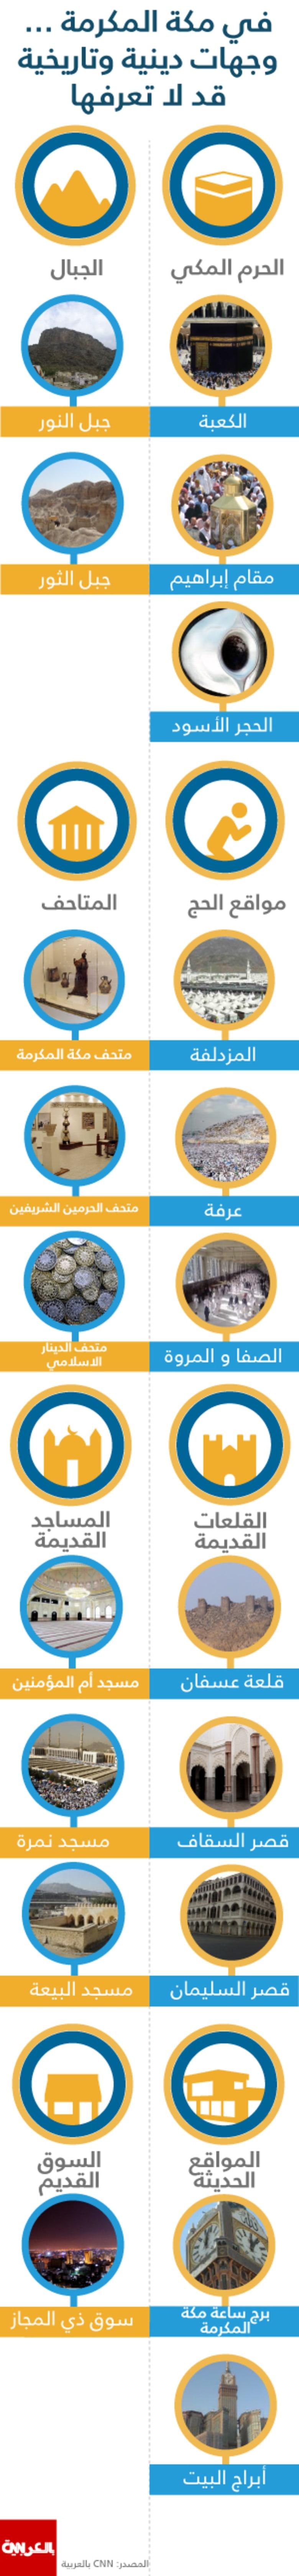 في مكة ...وجهات دينية وتاريخية قد لا تعلم بها